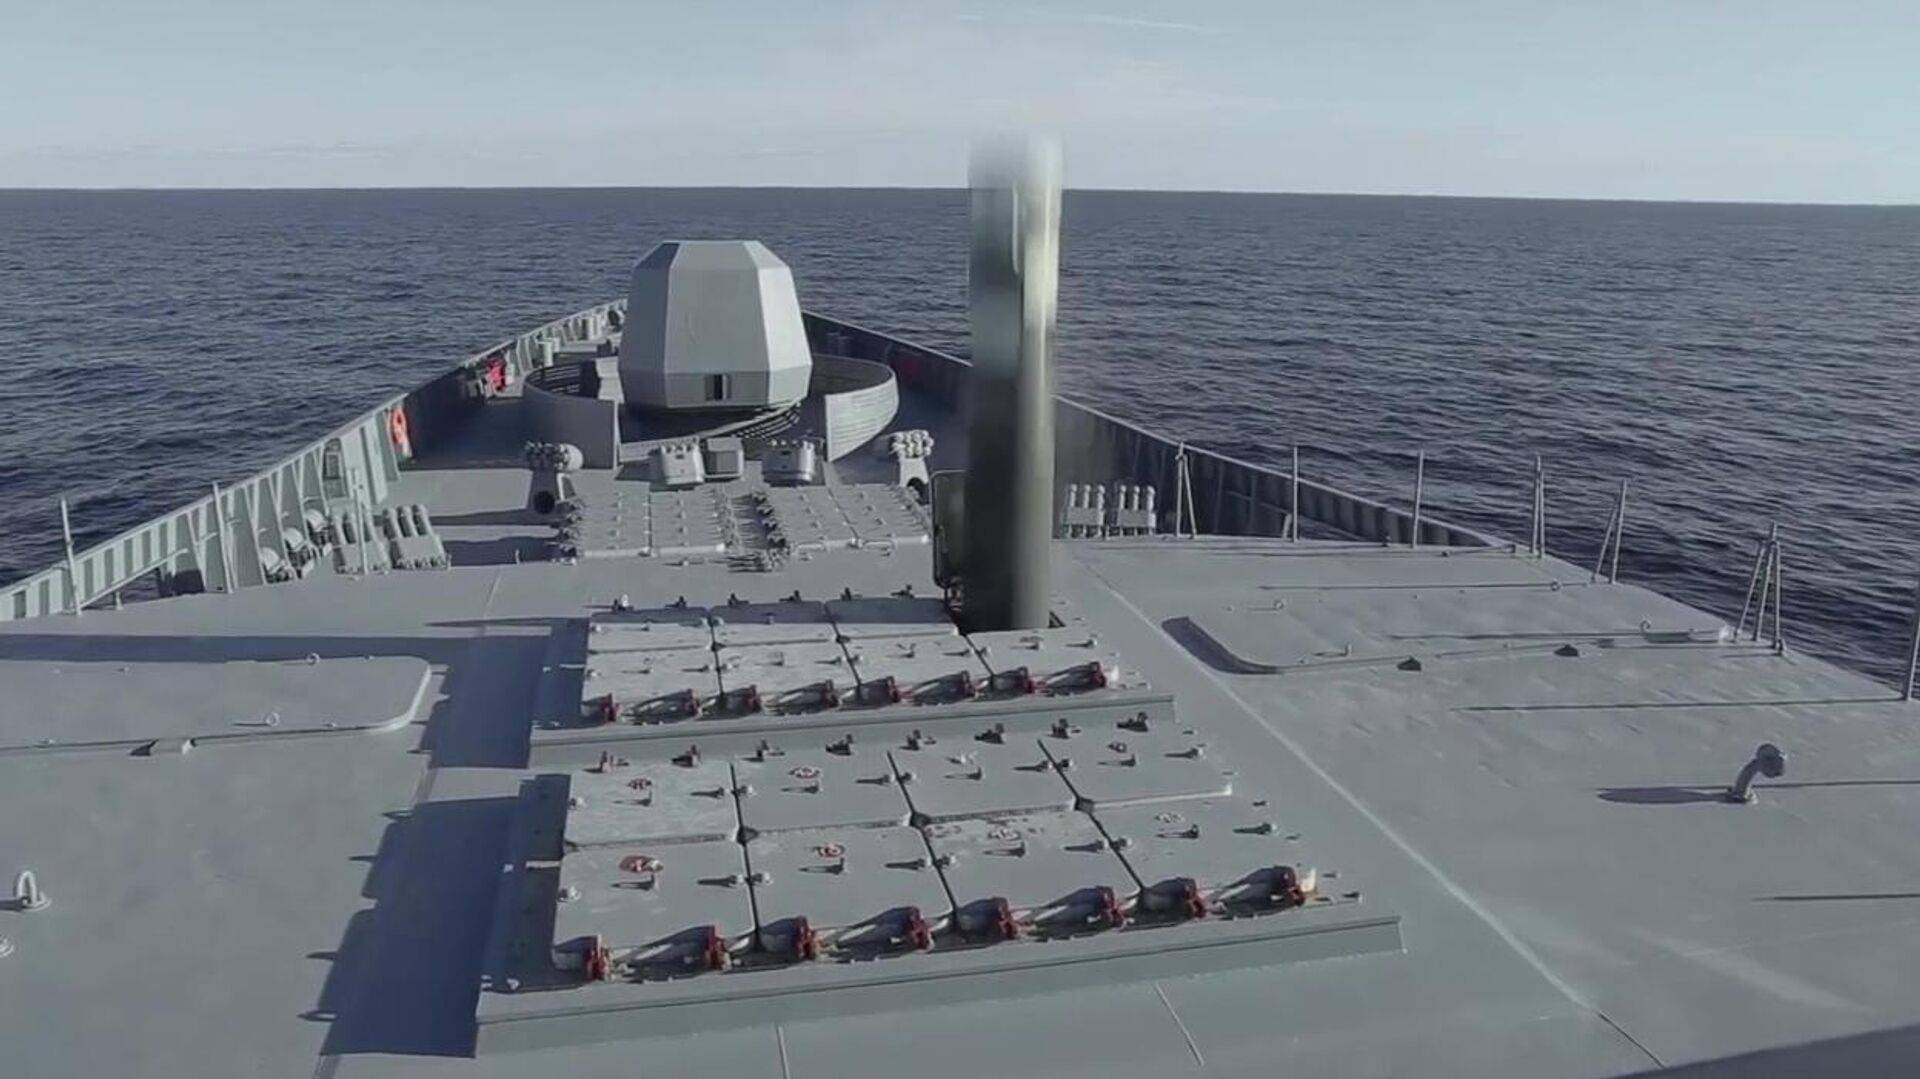 Первый запуск гиперзвуковой ракеты Циркон с фрегата Адмирал Горшков в Белом море по морской цели в Баренцевом море - РИА Новости, 1920, 20.07.2021